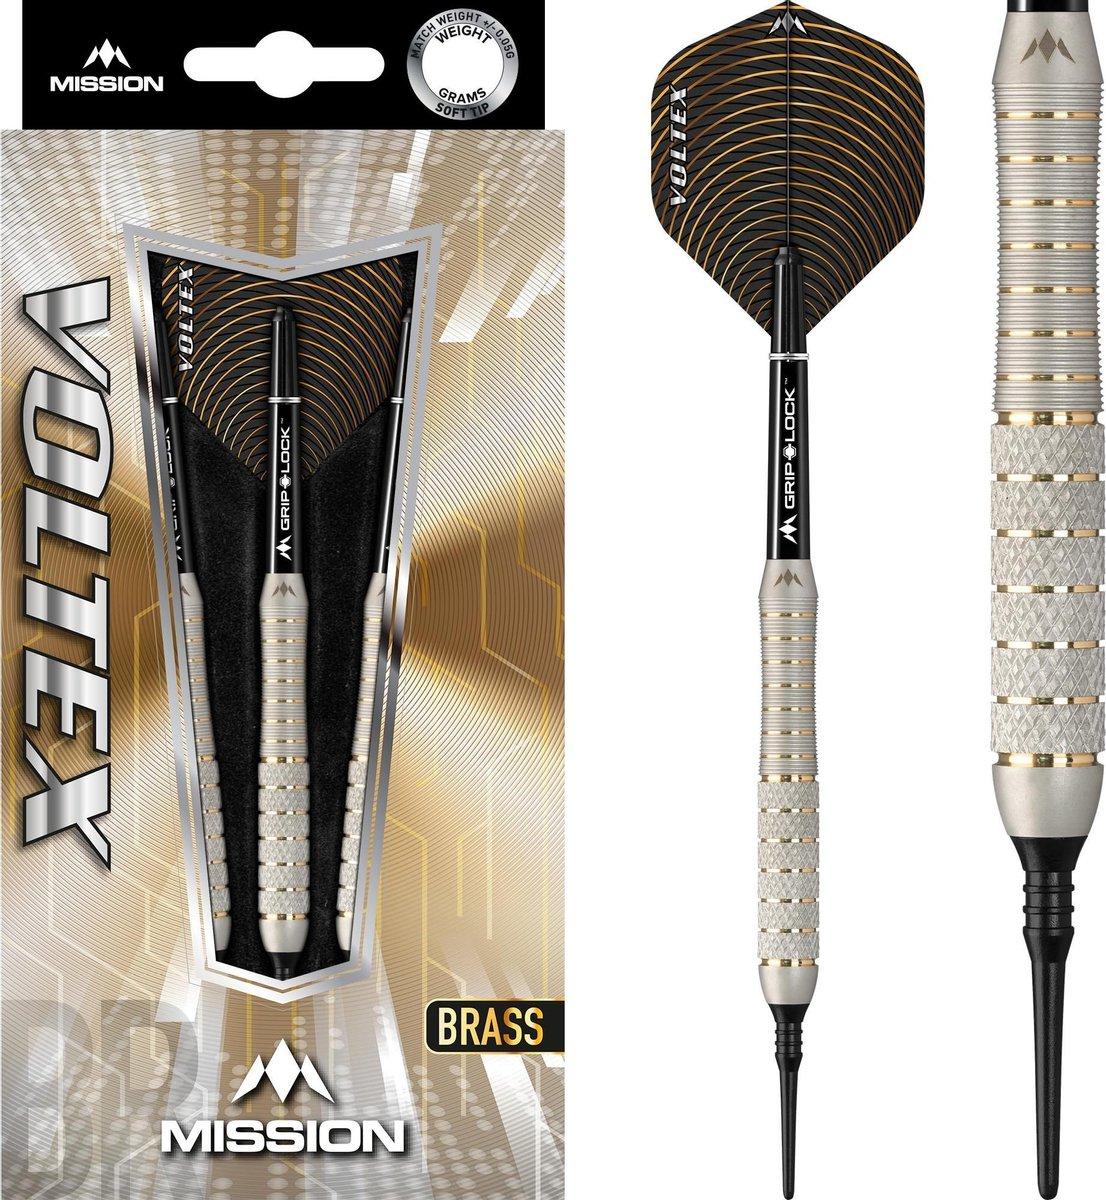 Mission Voltex M1 Brass Soft Tip - 21 Gram